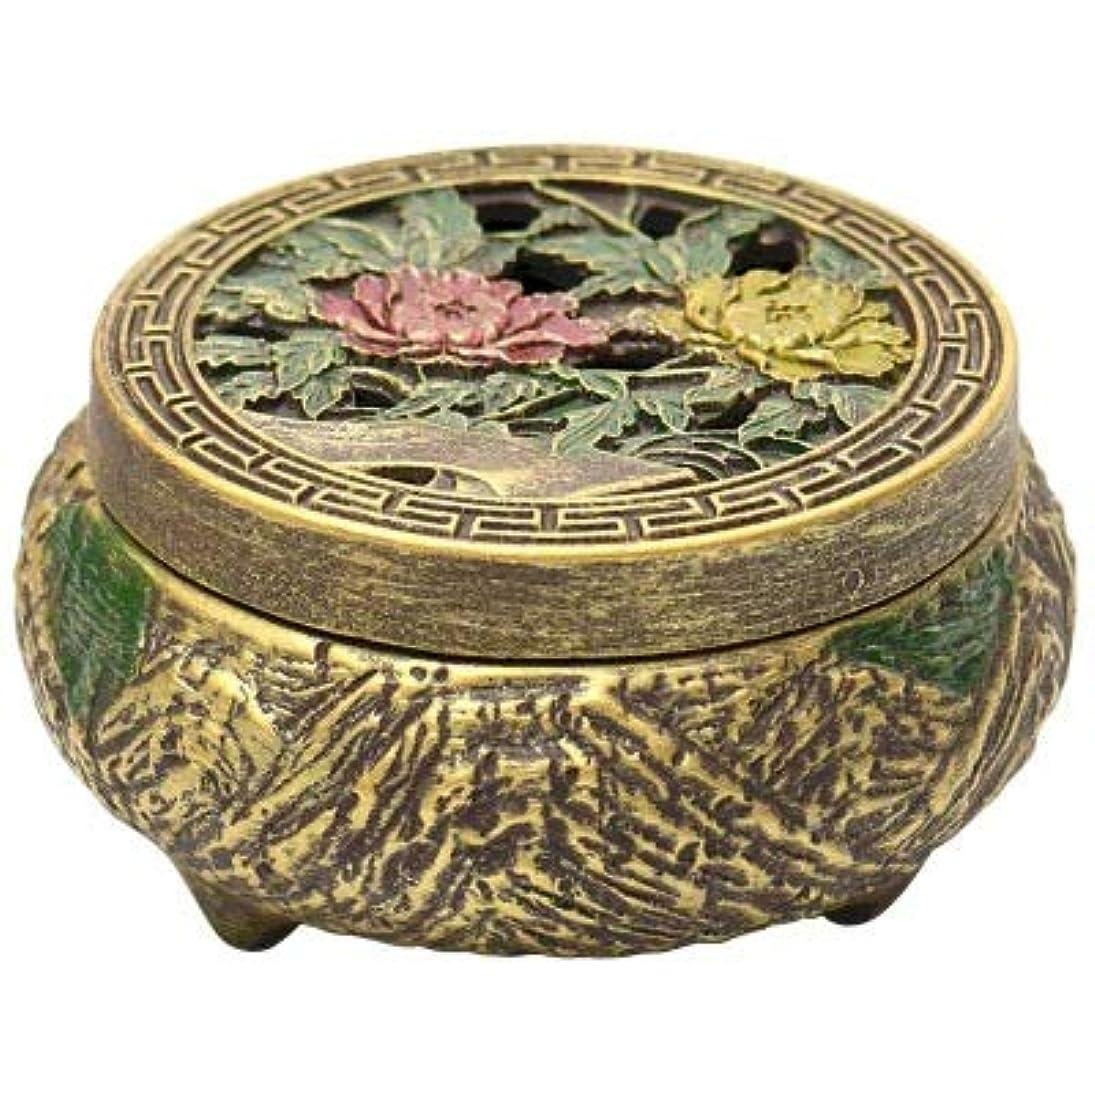 優雅冷ややかな大惨事PHILOGOD 香炉 仏壇用線香立て エンボス加工印刷する 香置物 香皿 (Brown1)